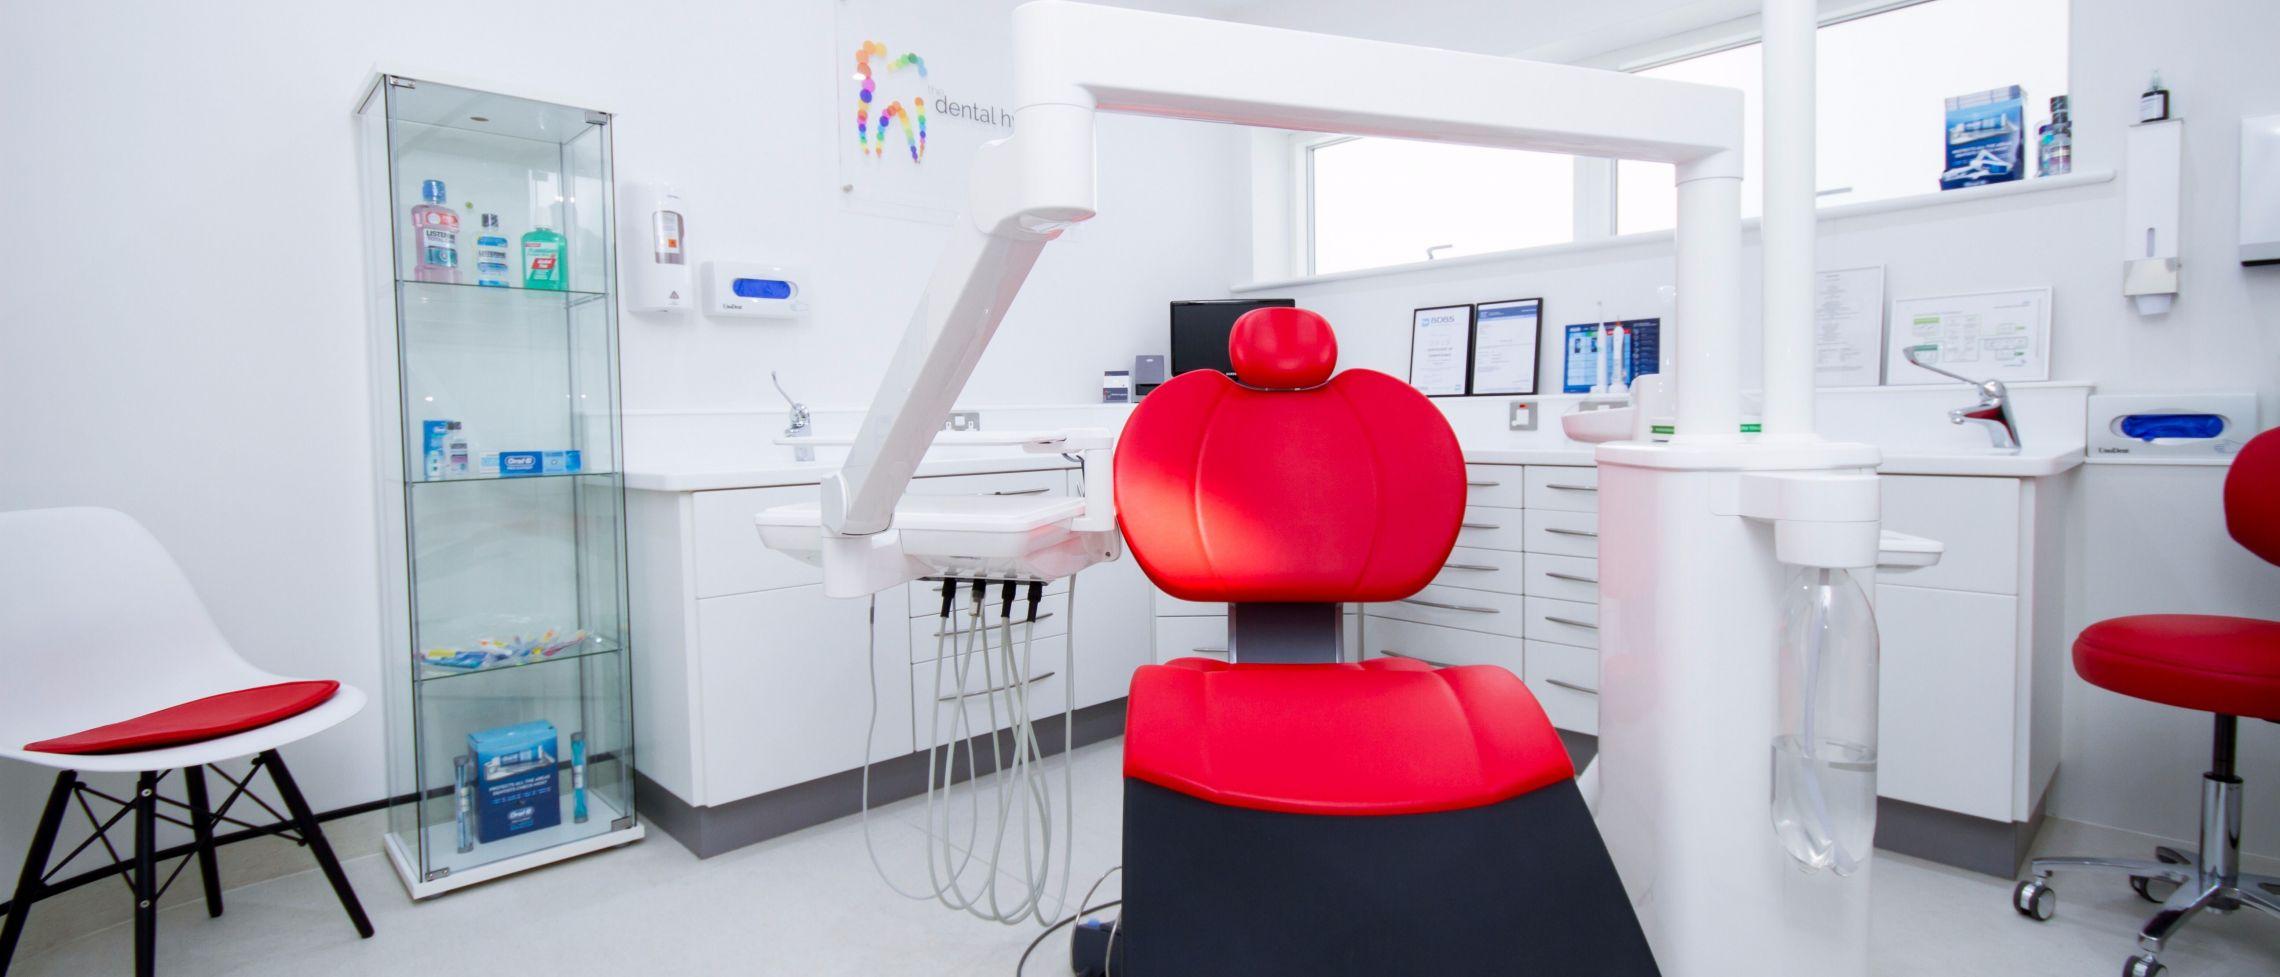 The Dental Hygiene Clinic